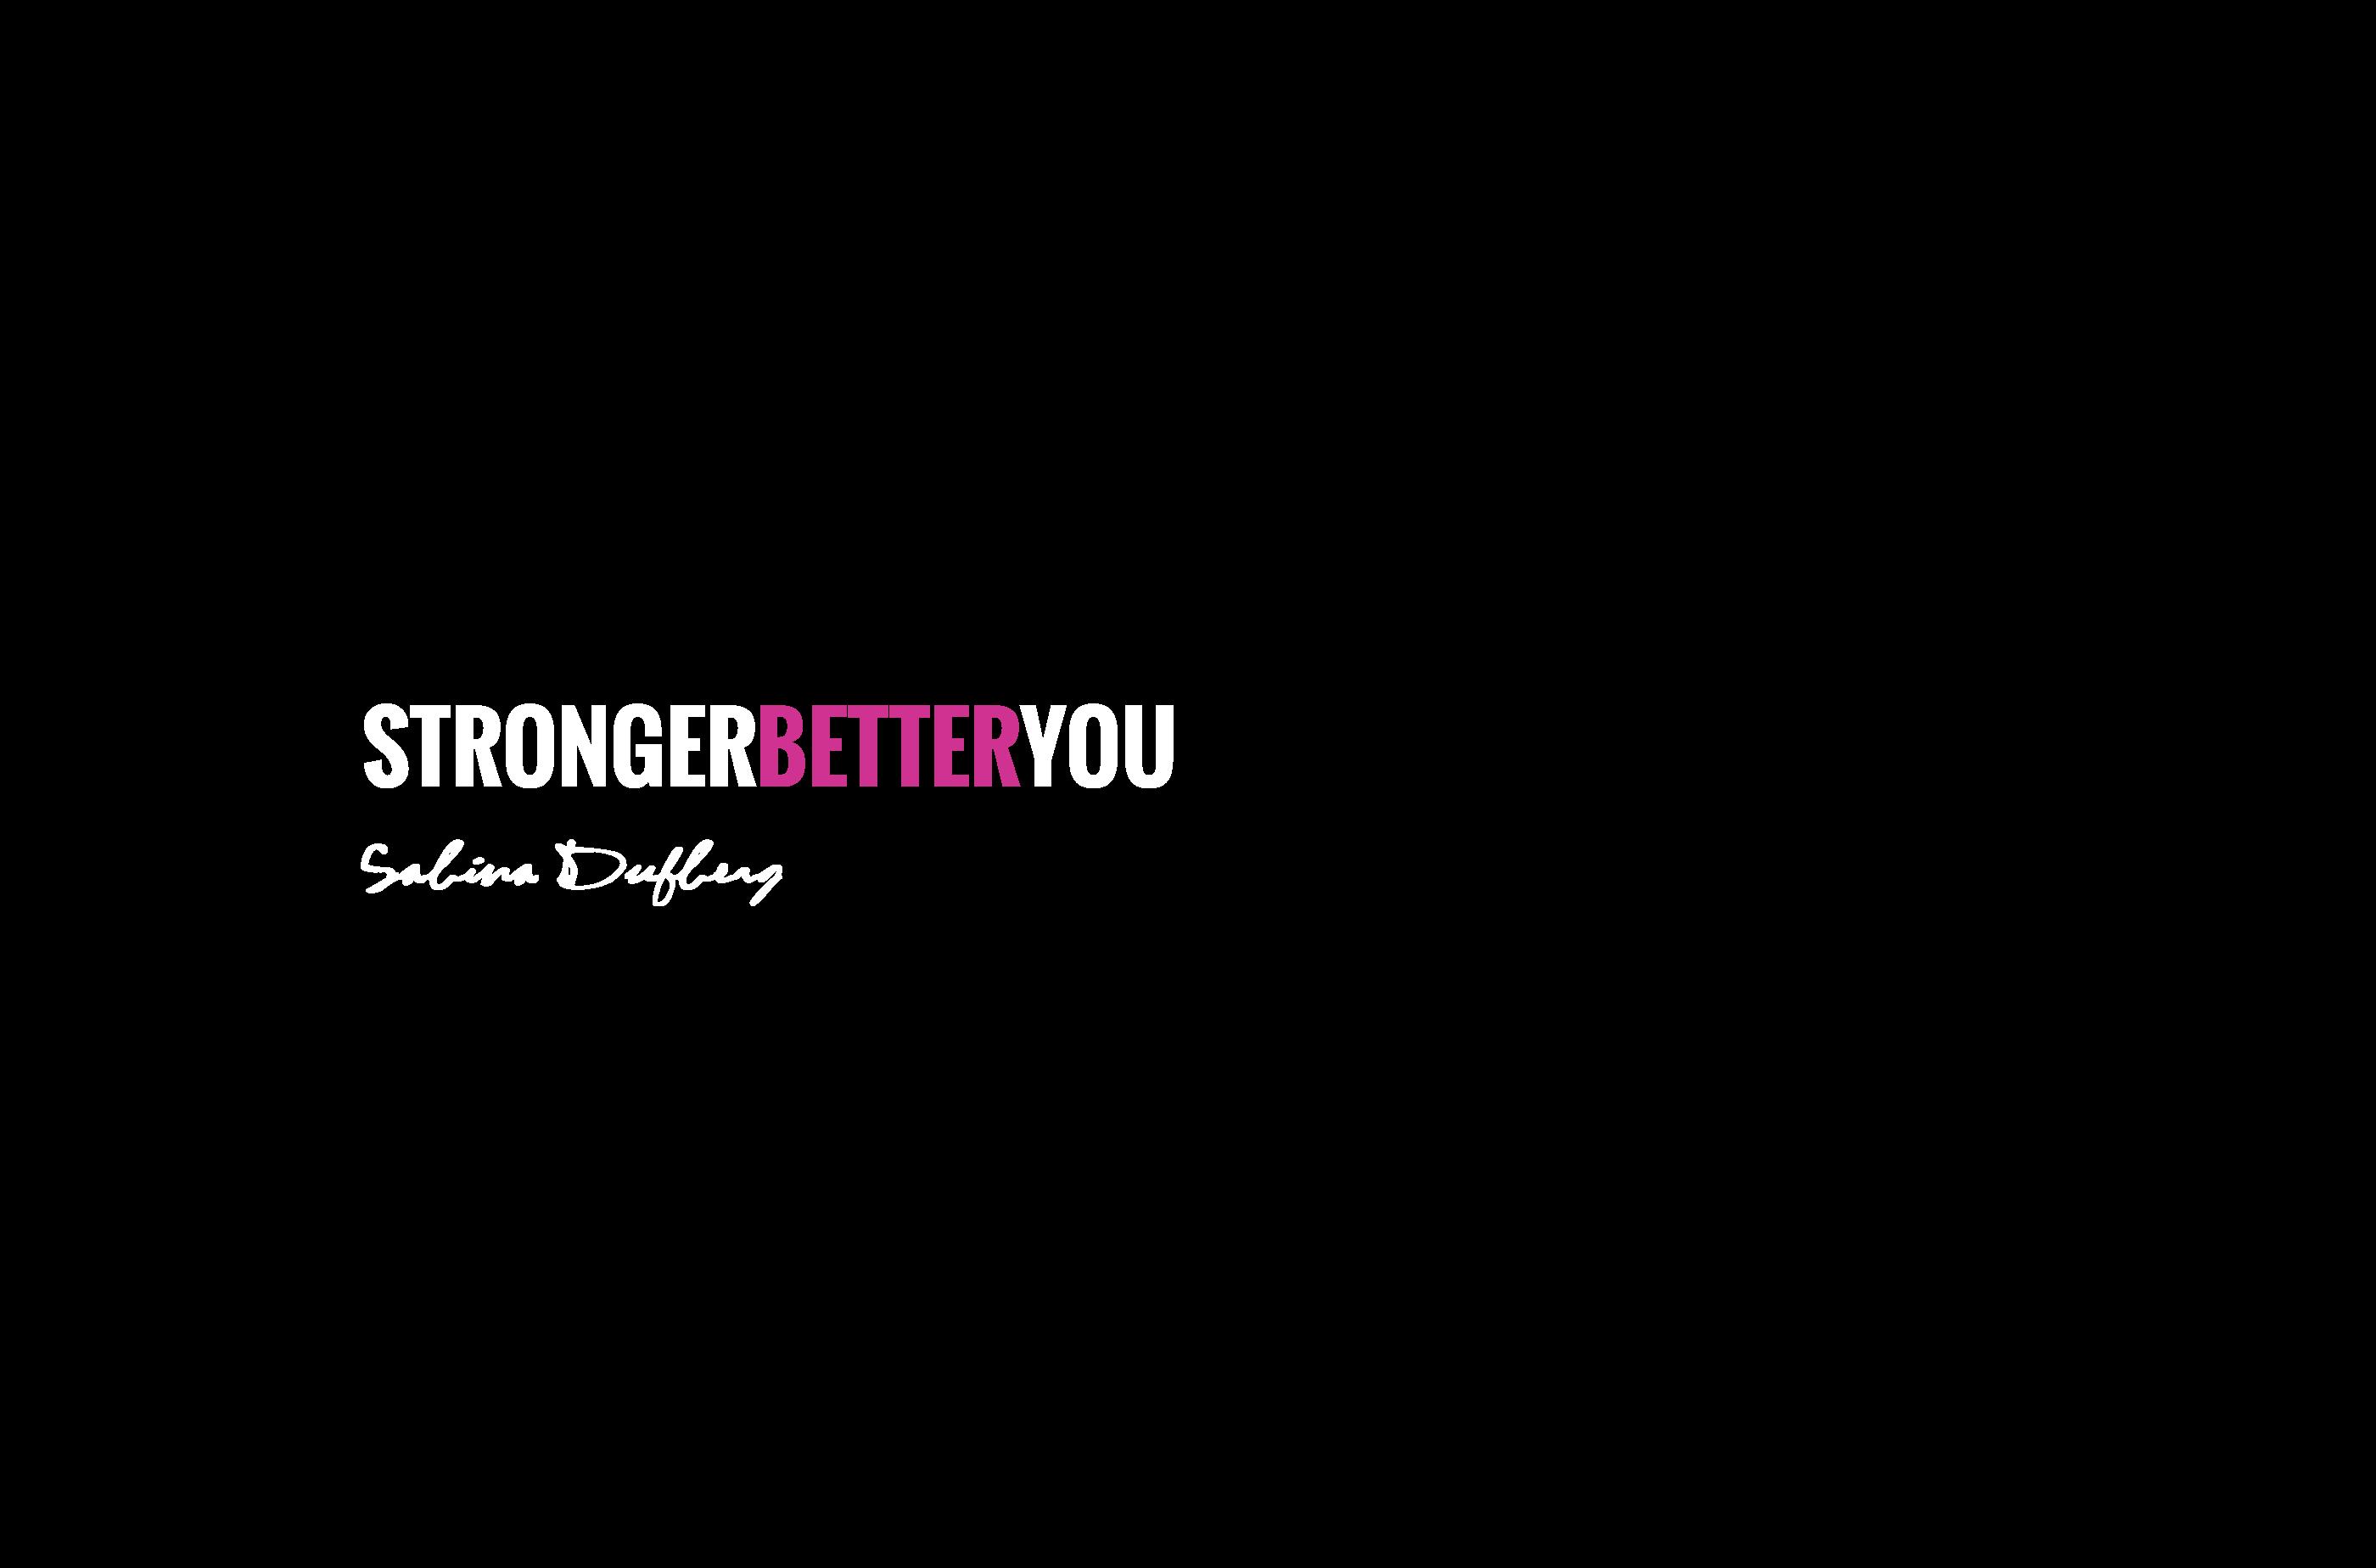 Stronger Better You logo